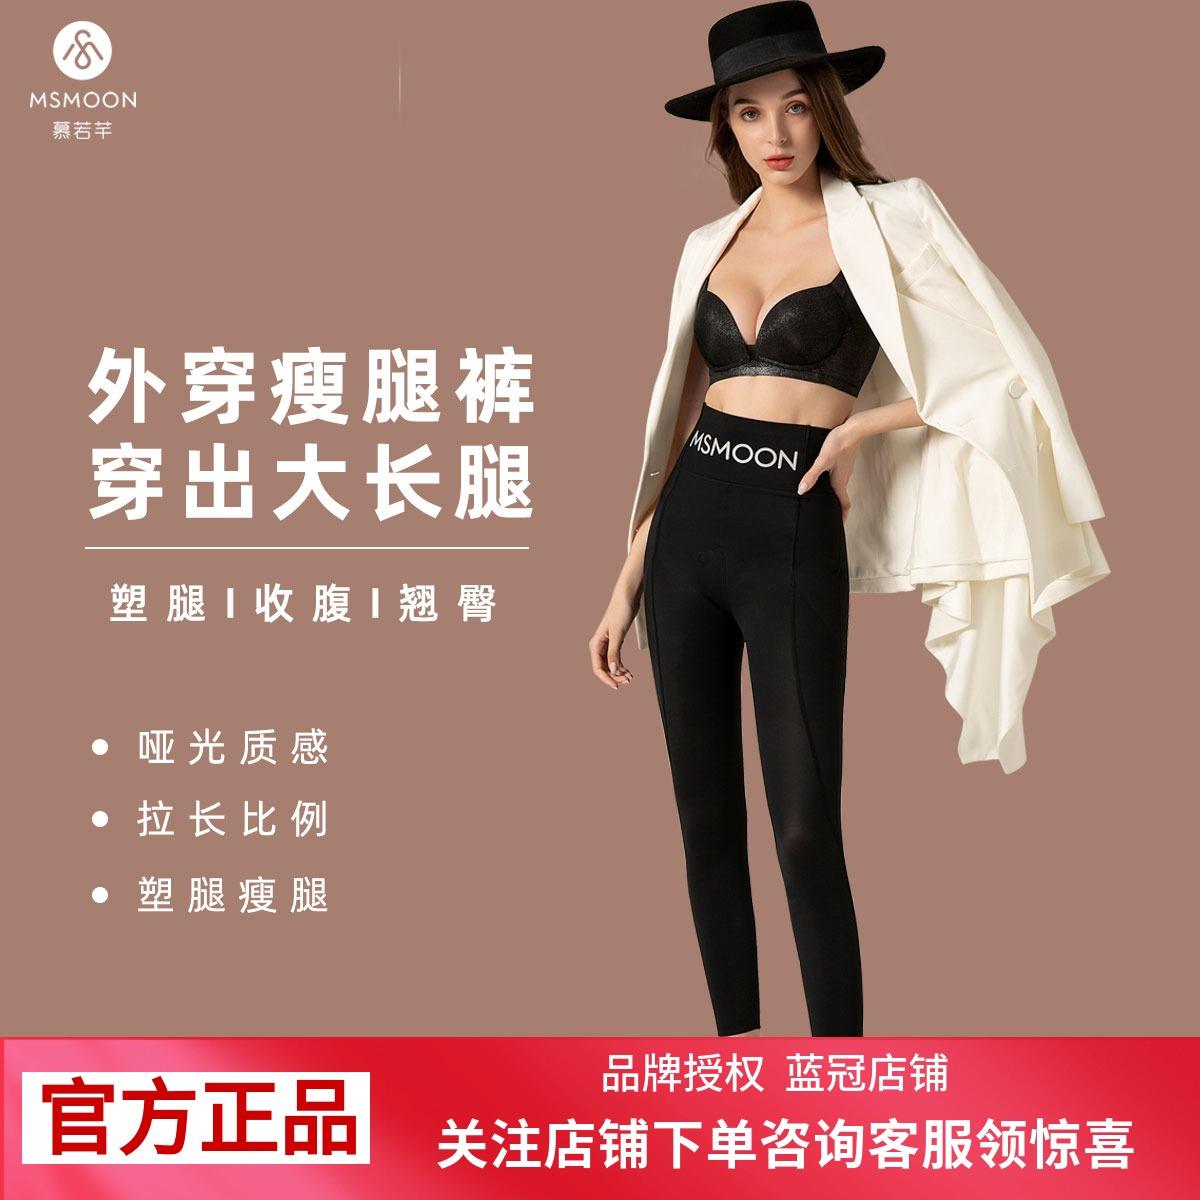 慕若芊msmoon高腰塑型收腹提臀长裤